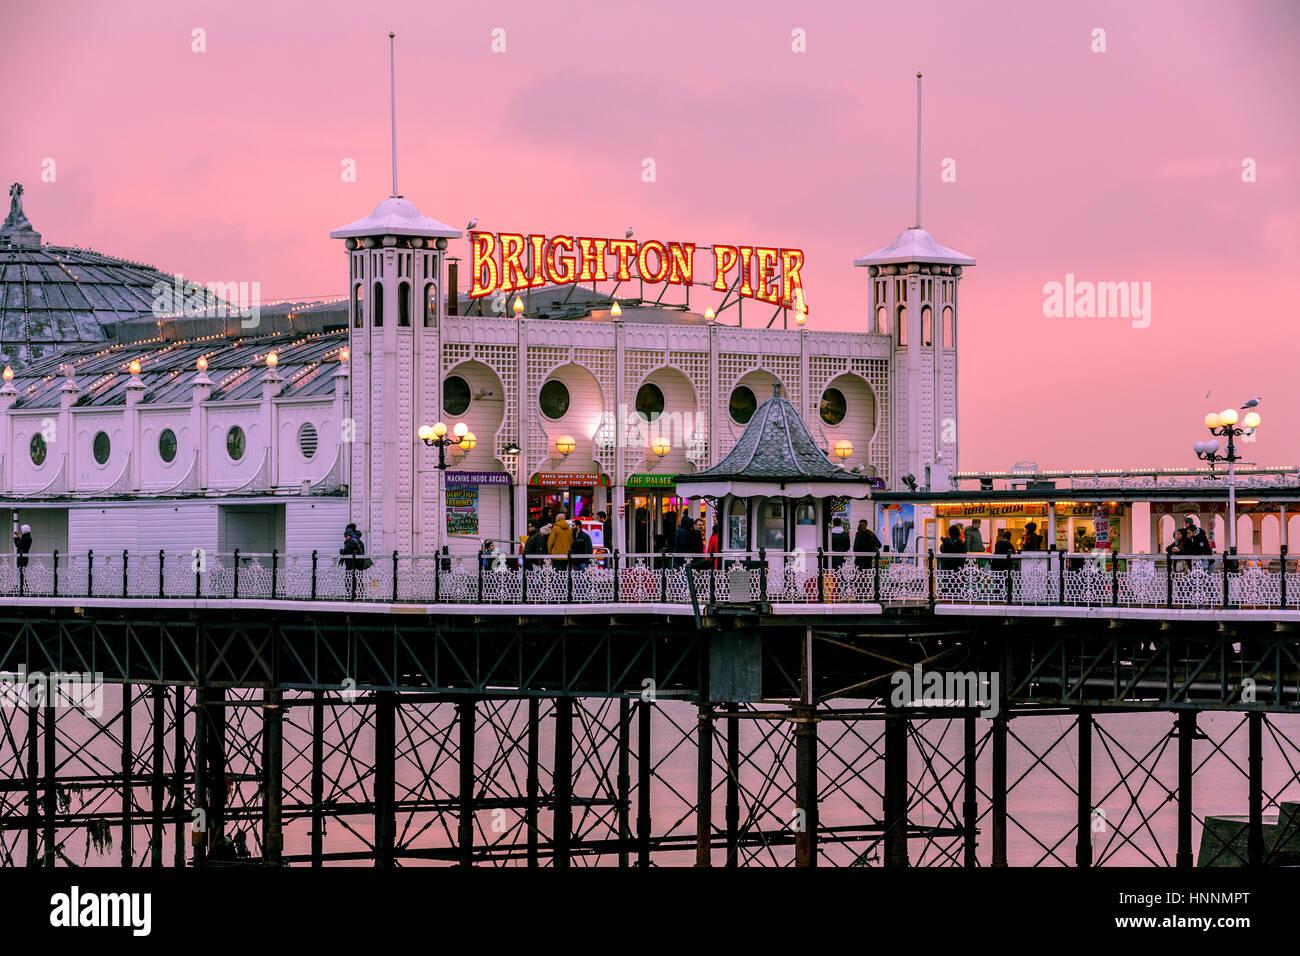 Crepúsculo de invierno atardecer con un cálido tono rojizo en Brighton Pier, Brighton, REINO UNIDO, Engalnd Foto de stock